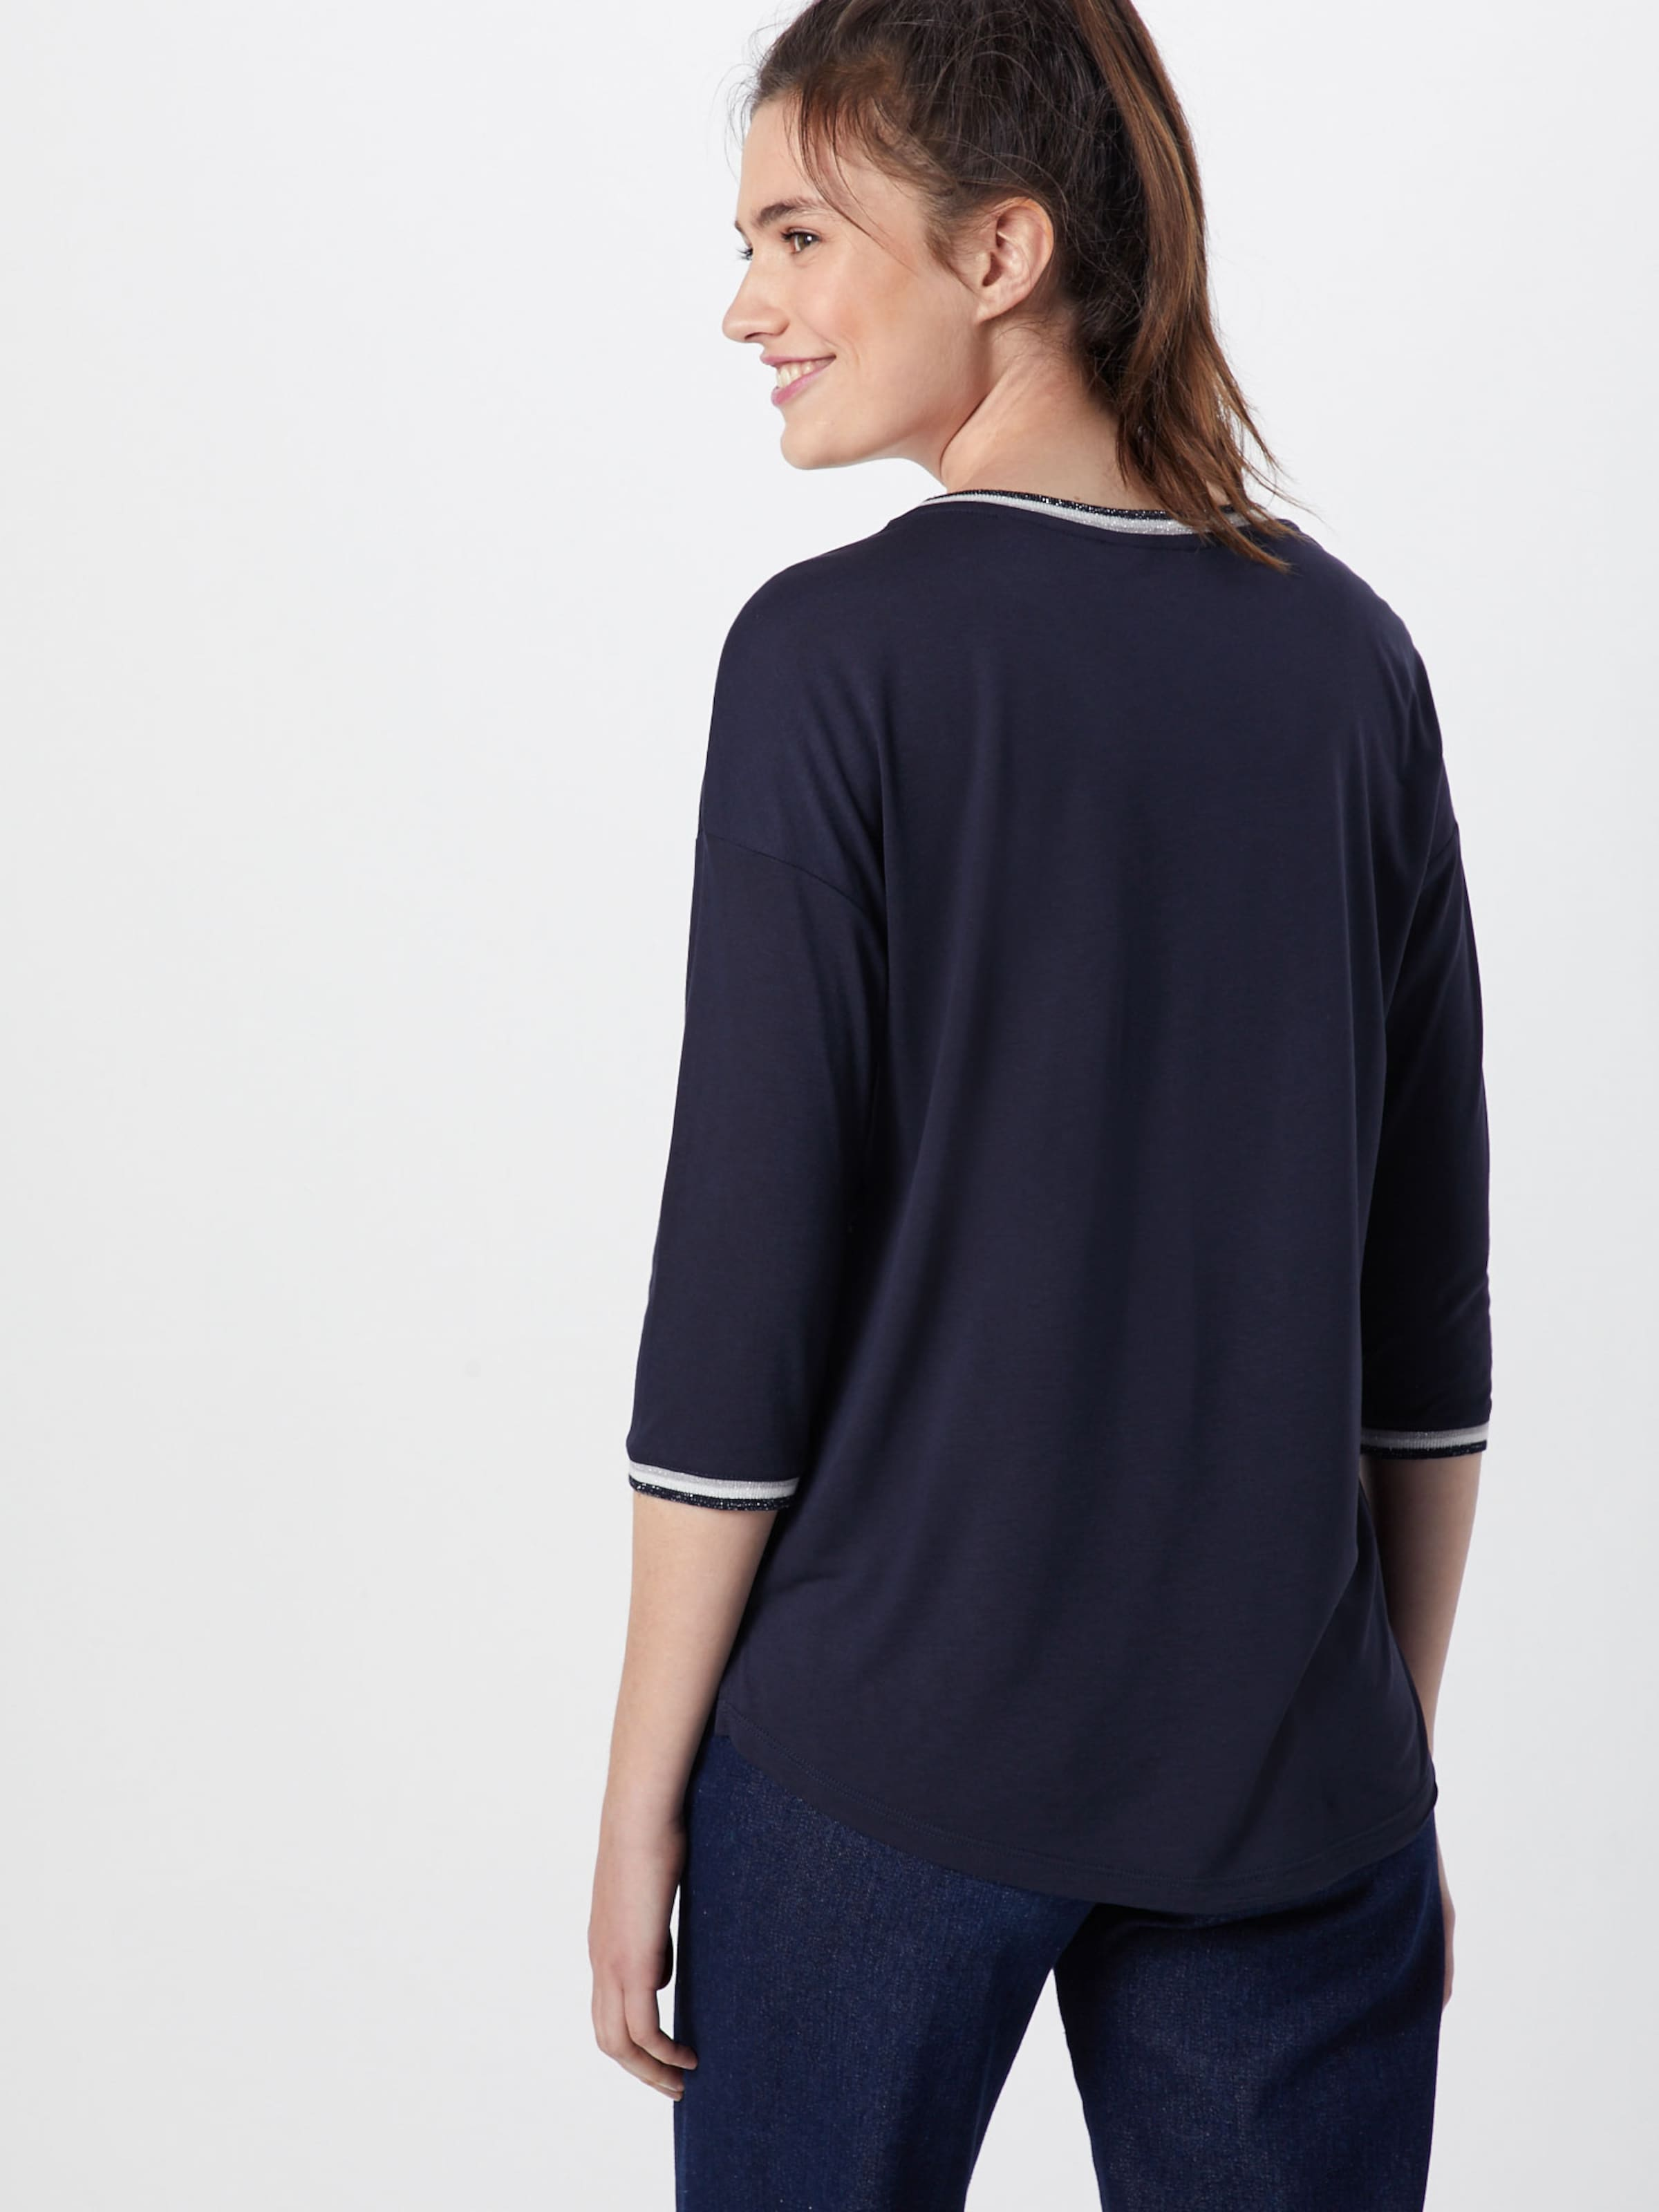 Label shirt MarineMélange En Red oliver T De S Couleurs Bleu ZiTOkXlwuP